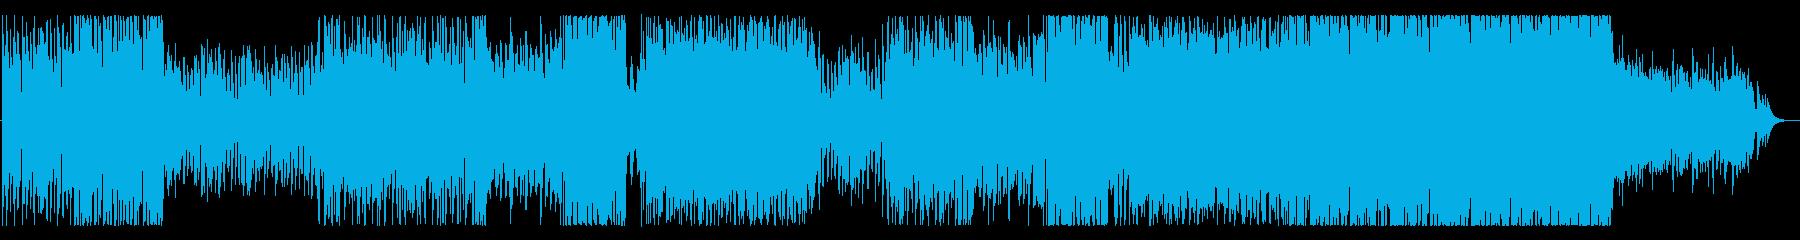 優しくも切ないバラードの再生済みの波形